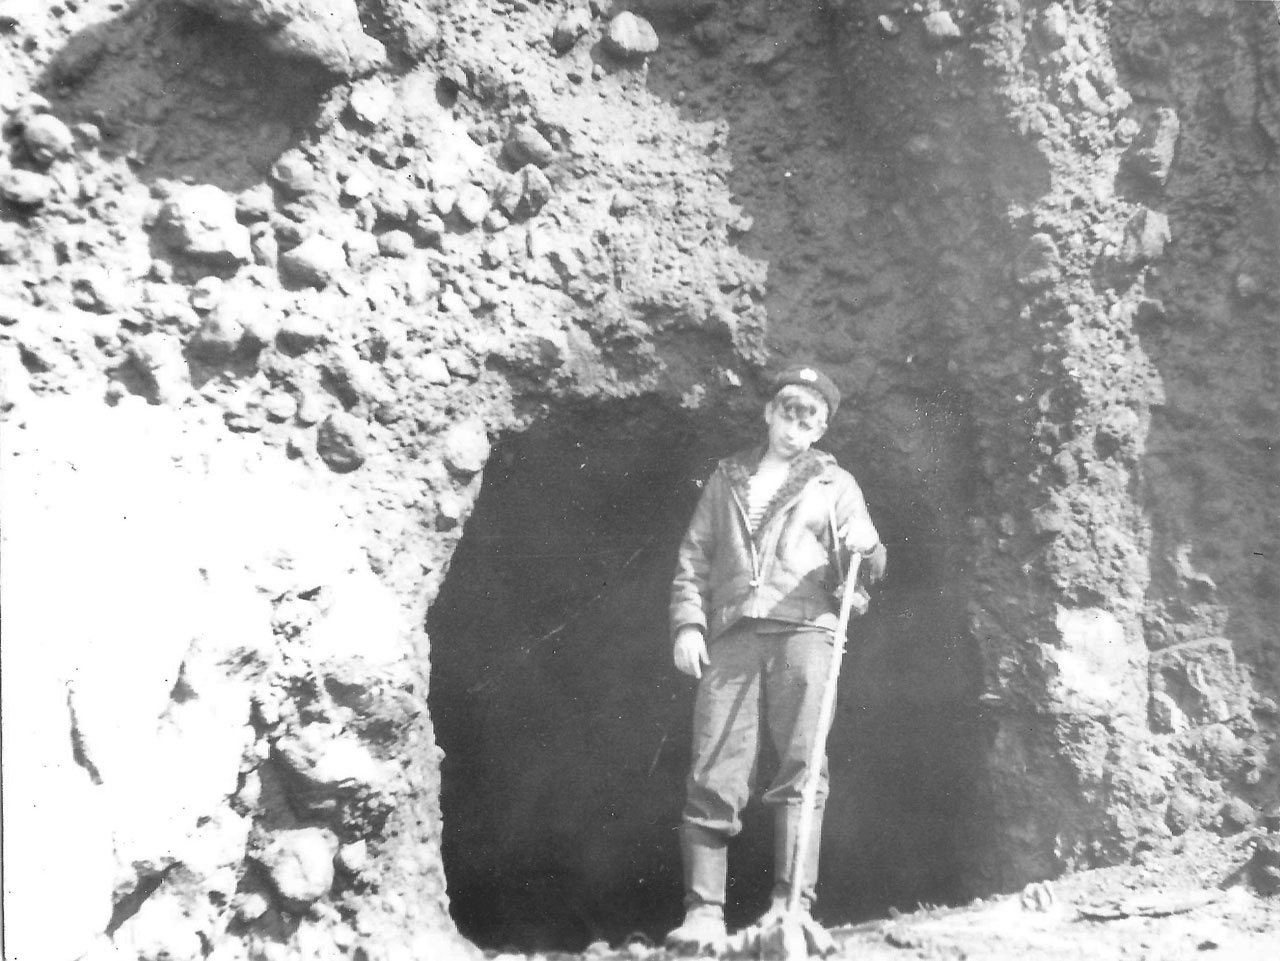 Остров Симушир. Пещера, построенная японцами. Их обнаружили 2 и обе завалены. У входа в пещеру стоит Молчанов.